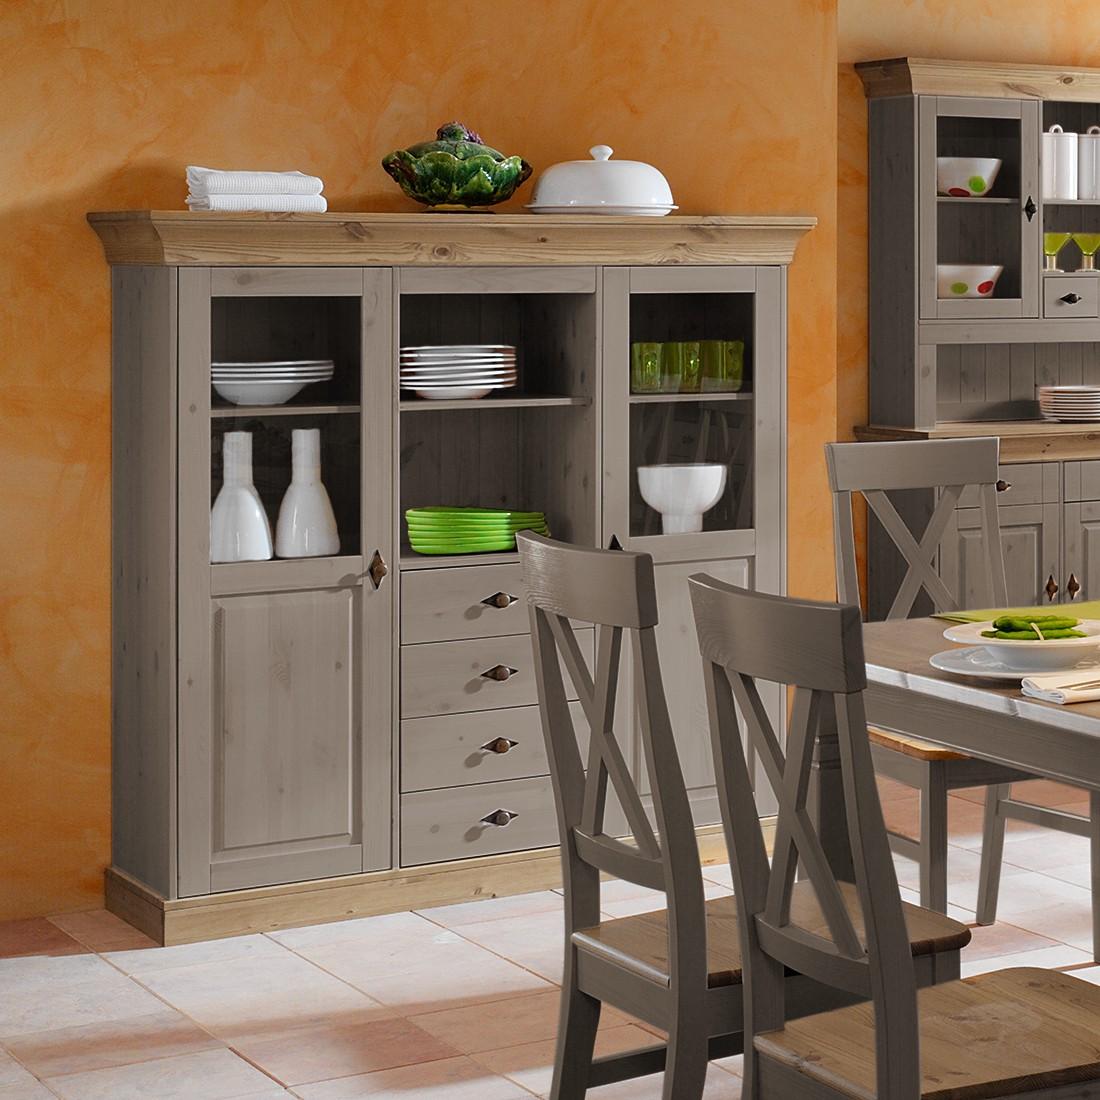 highboard bergen kiefer massiv grau laugenfarbig maison belfort g nstig kaufen. Black Bedroom Furniture Sets. Home Design Ideas